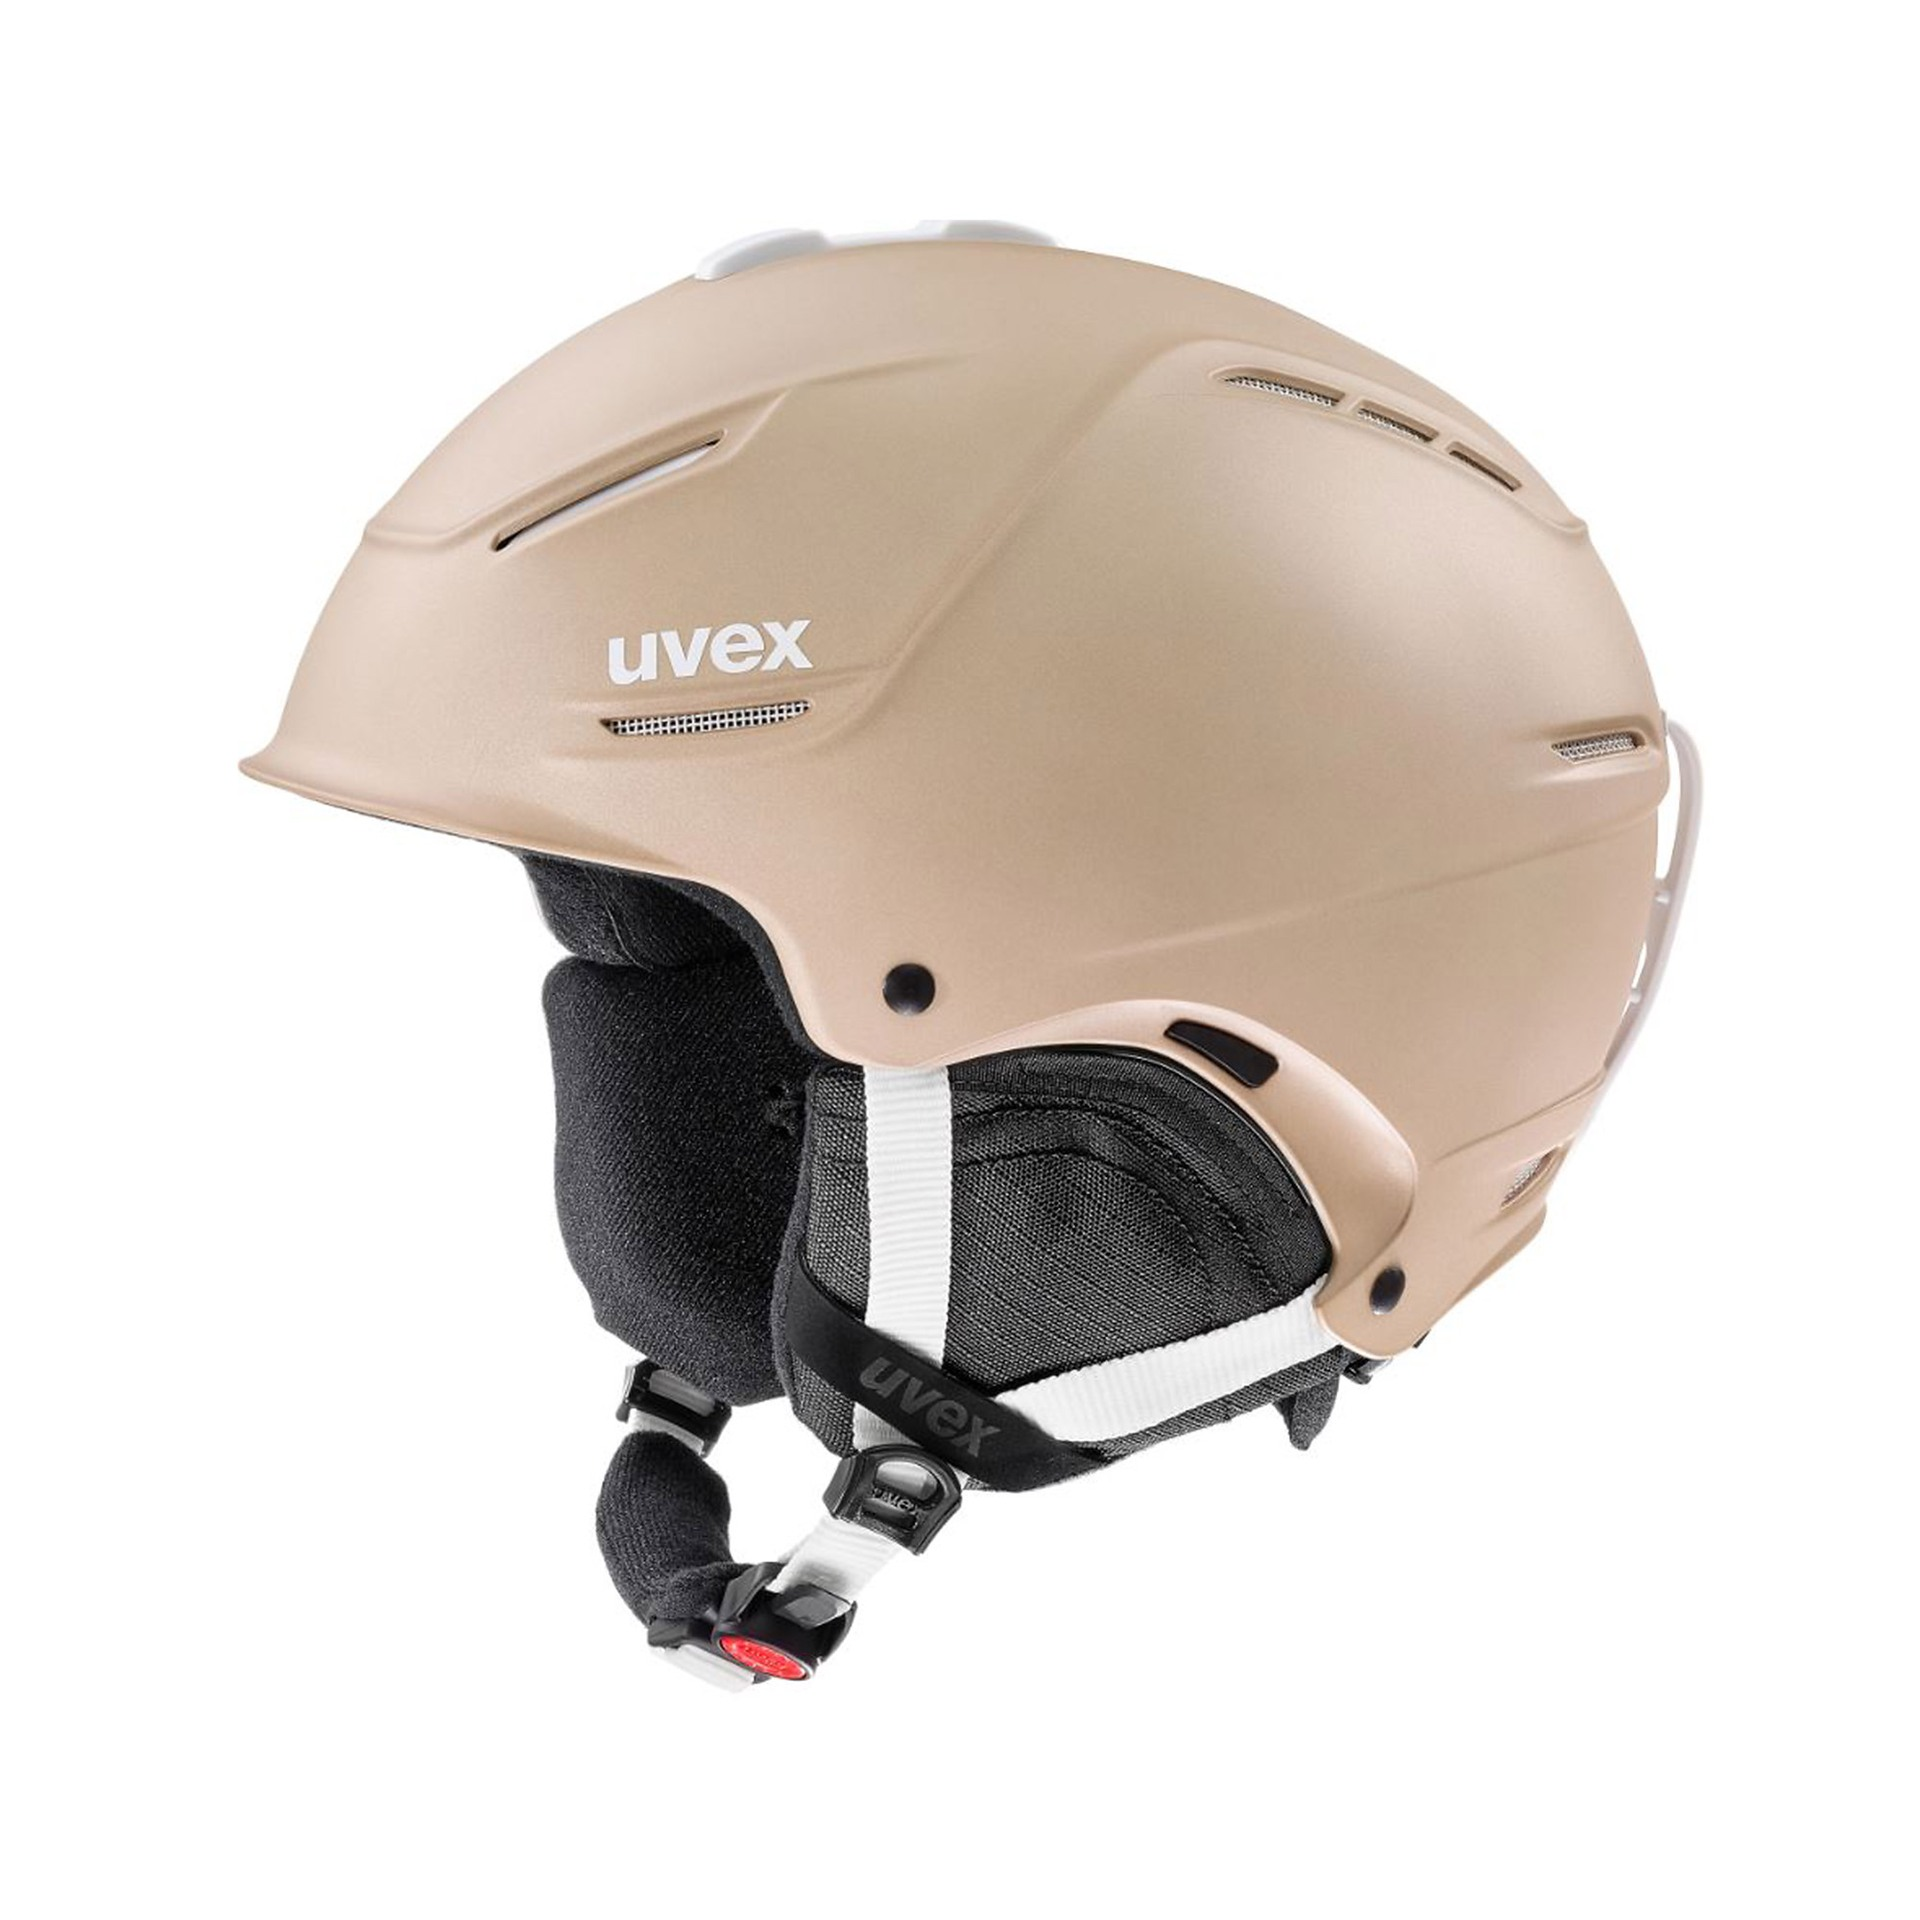 UVEX P1US 2.0 prosecco met mat S566211920 19/20 55-59 cm